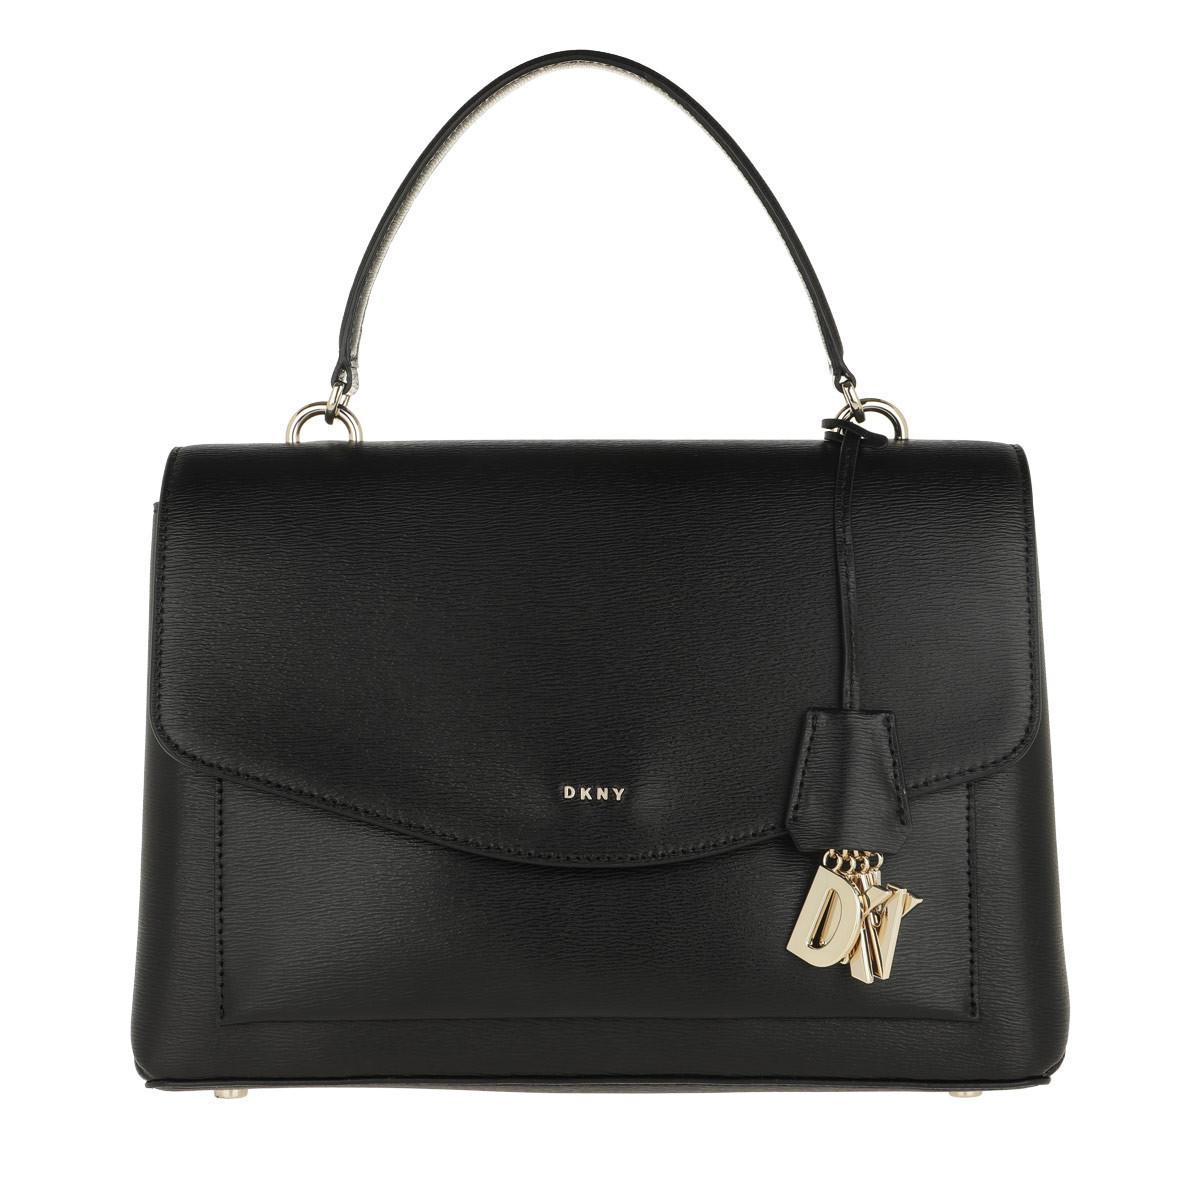 DKNY Satchel Bag - Lex MD TH Satchel Black/Gold - in schwarz - für Damen